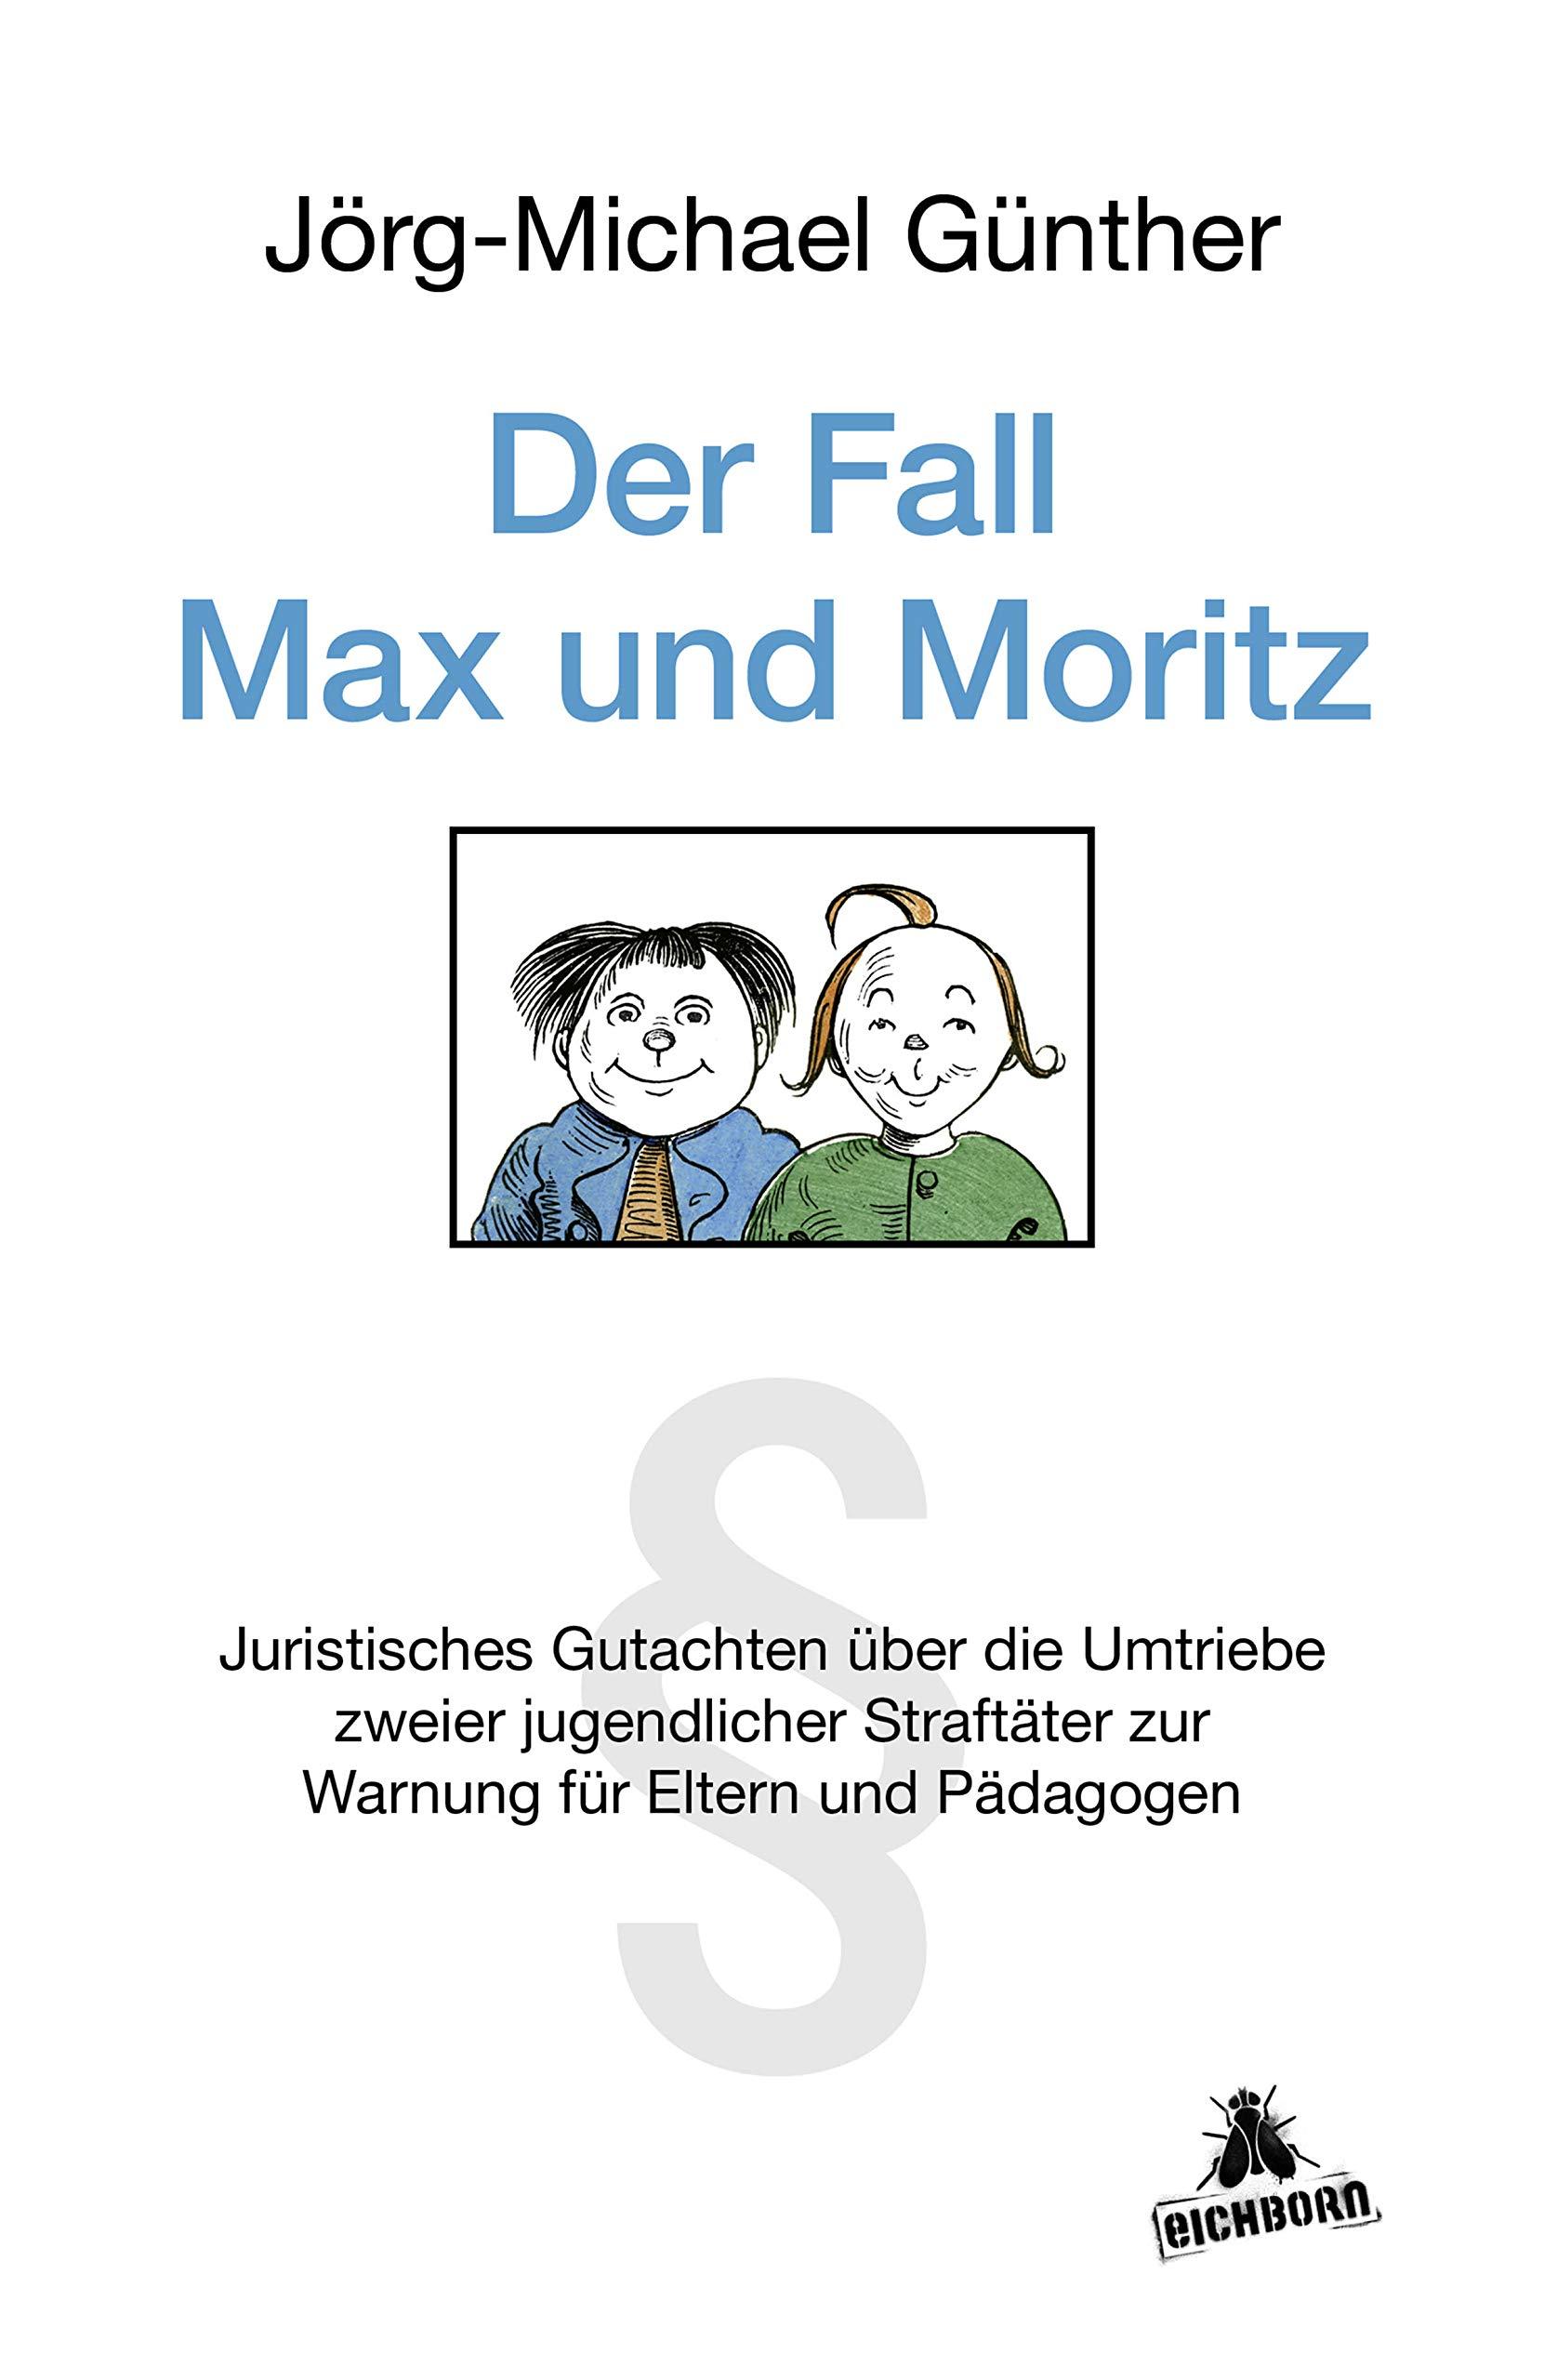 Der Fall Max And Moritz  Juristisches Gutachten über Die Umtriebe Zweier Jugendlicher Straftäter Zur Warnung Für Eltern Und P